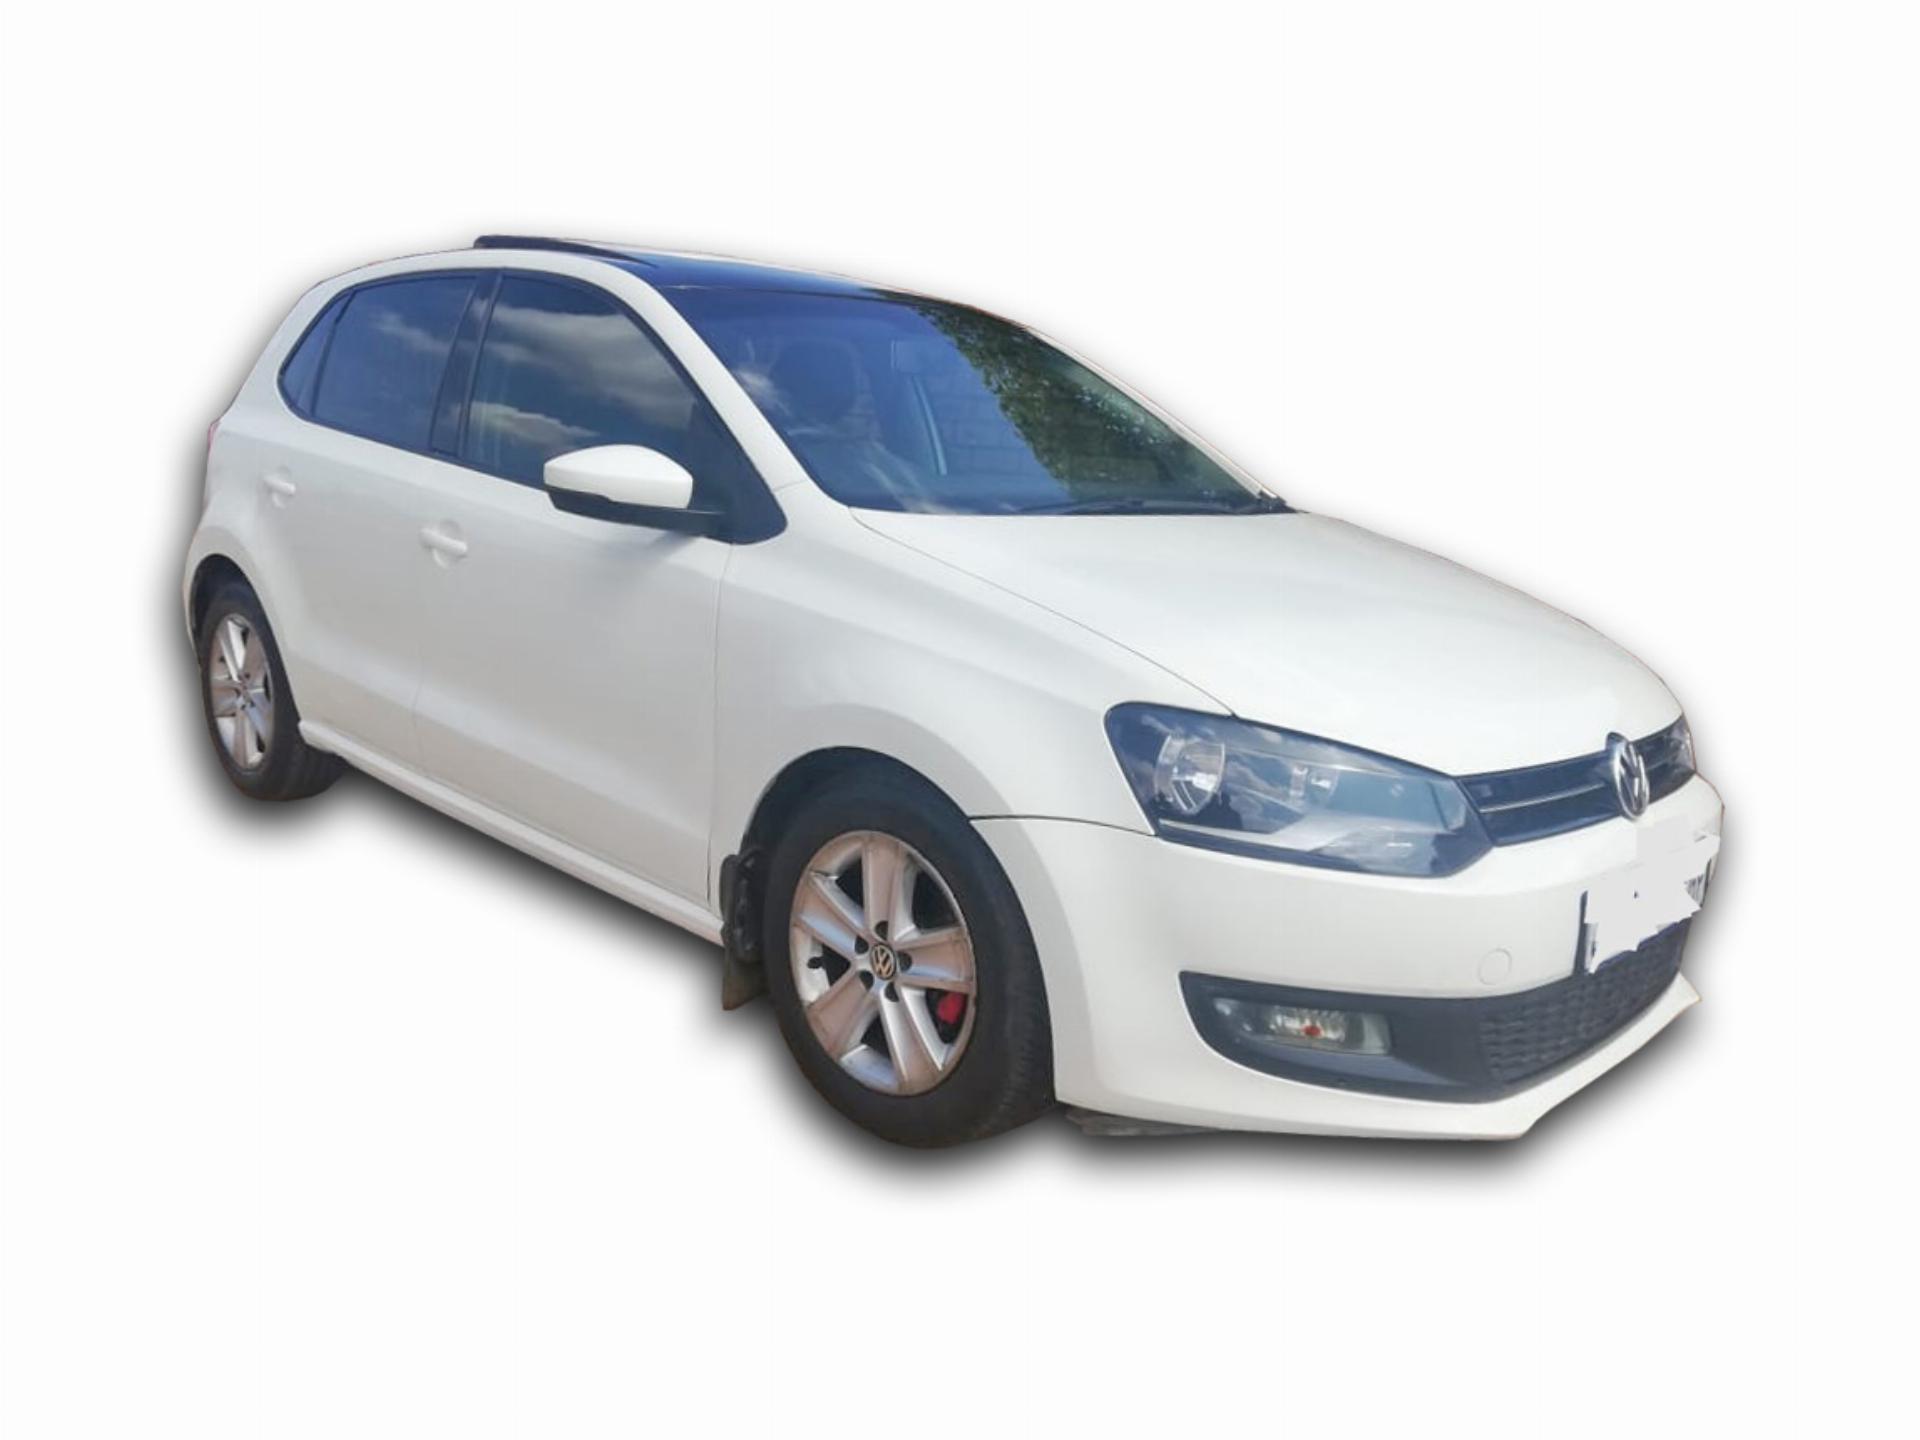 VW Polo Playa 1.4